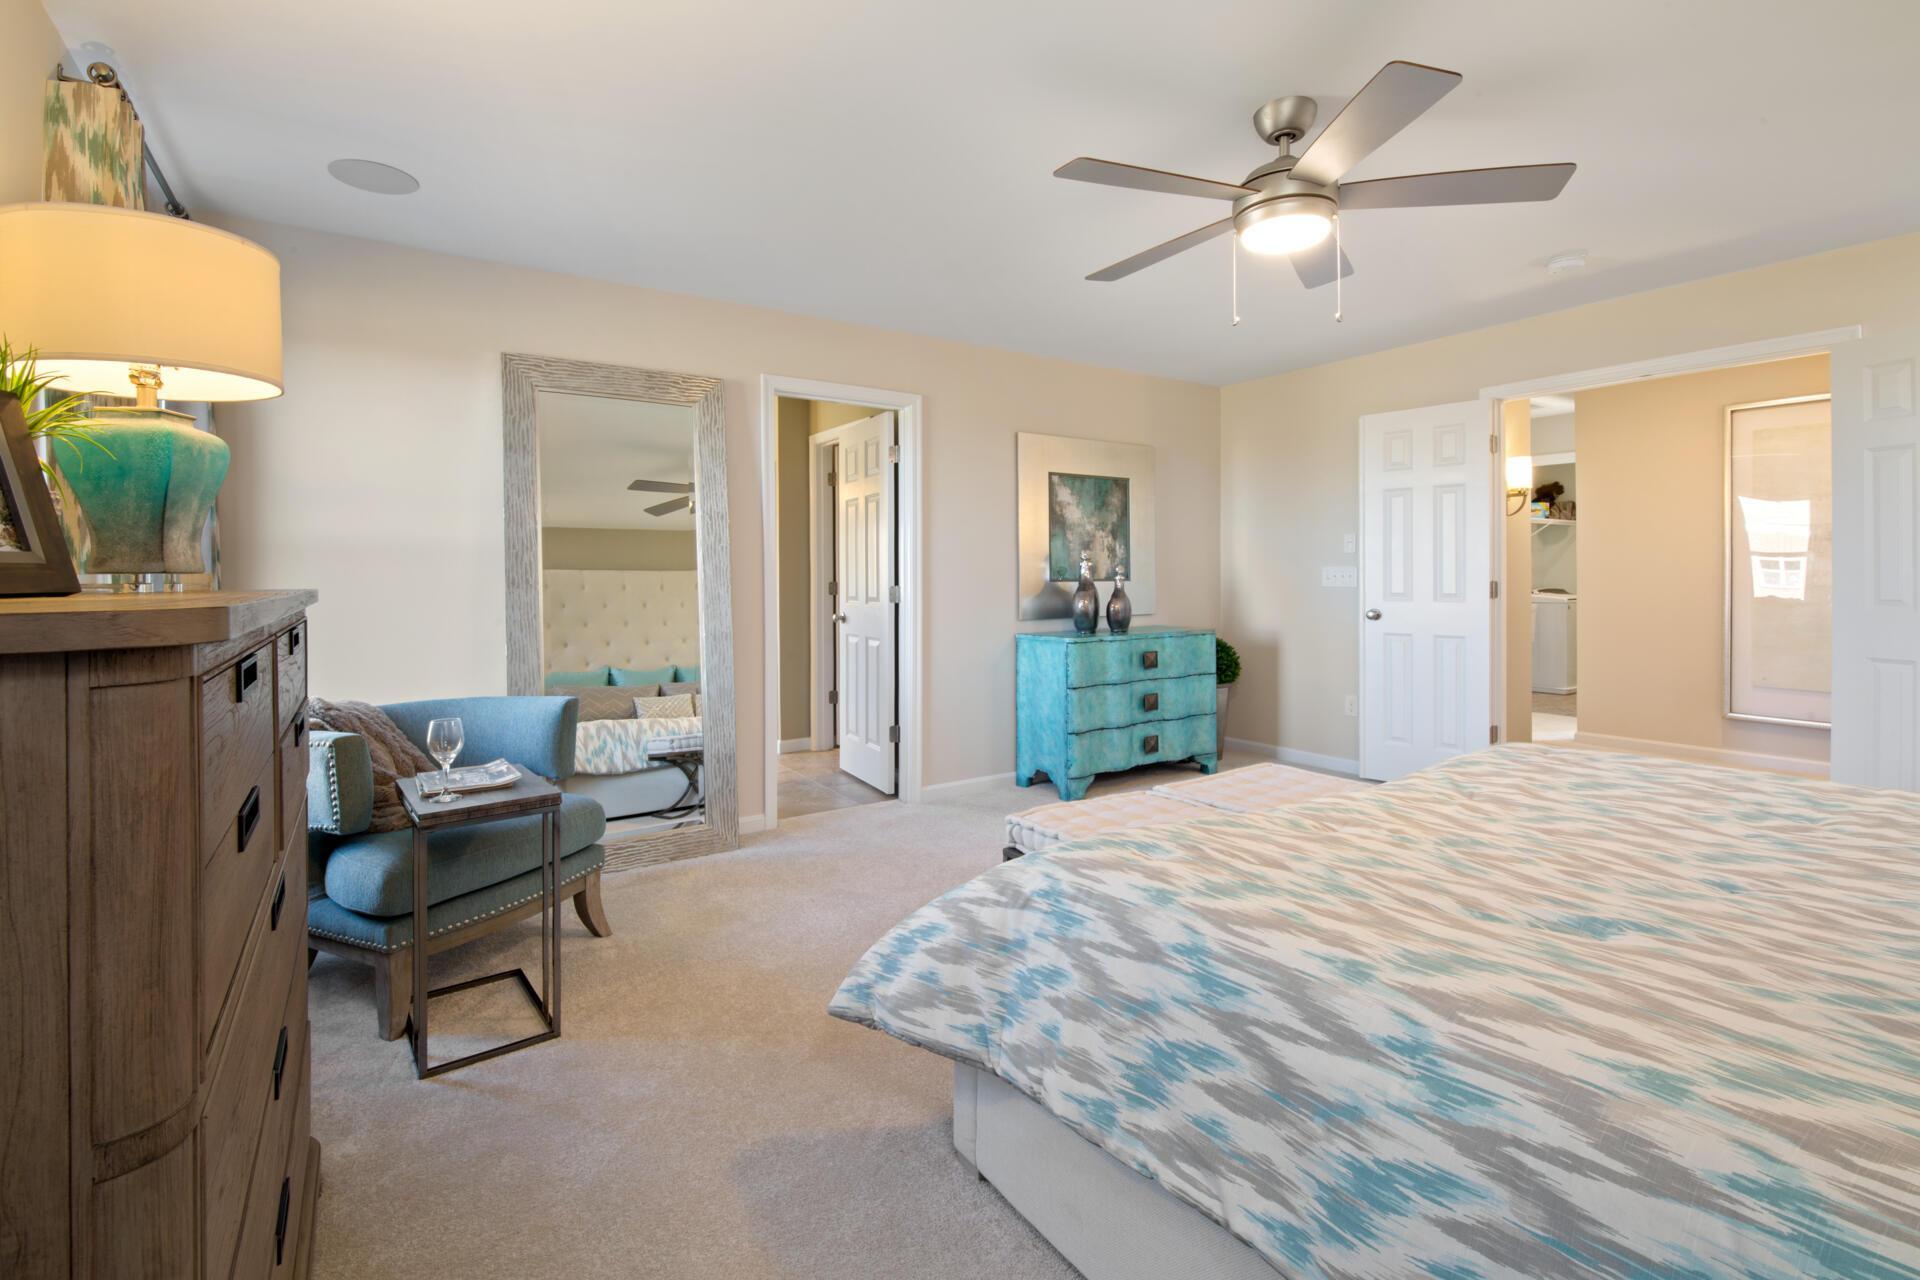 Bedroom featured in the Buchanan By Drees Homes in Cincinnati, OH